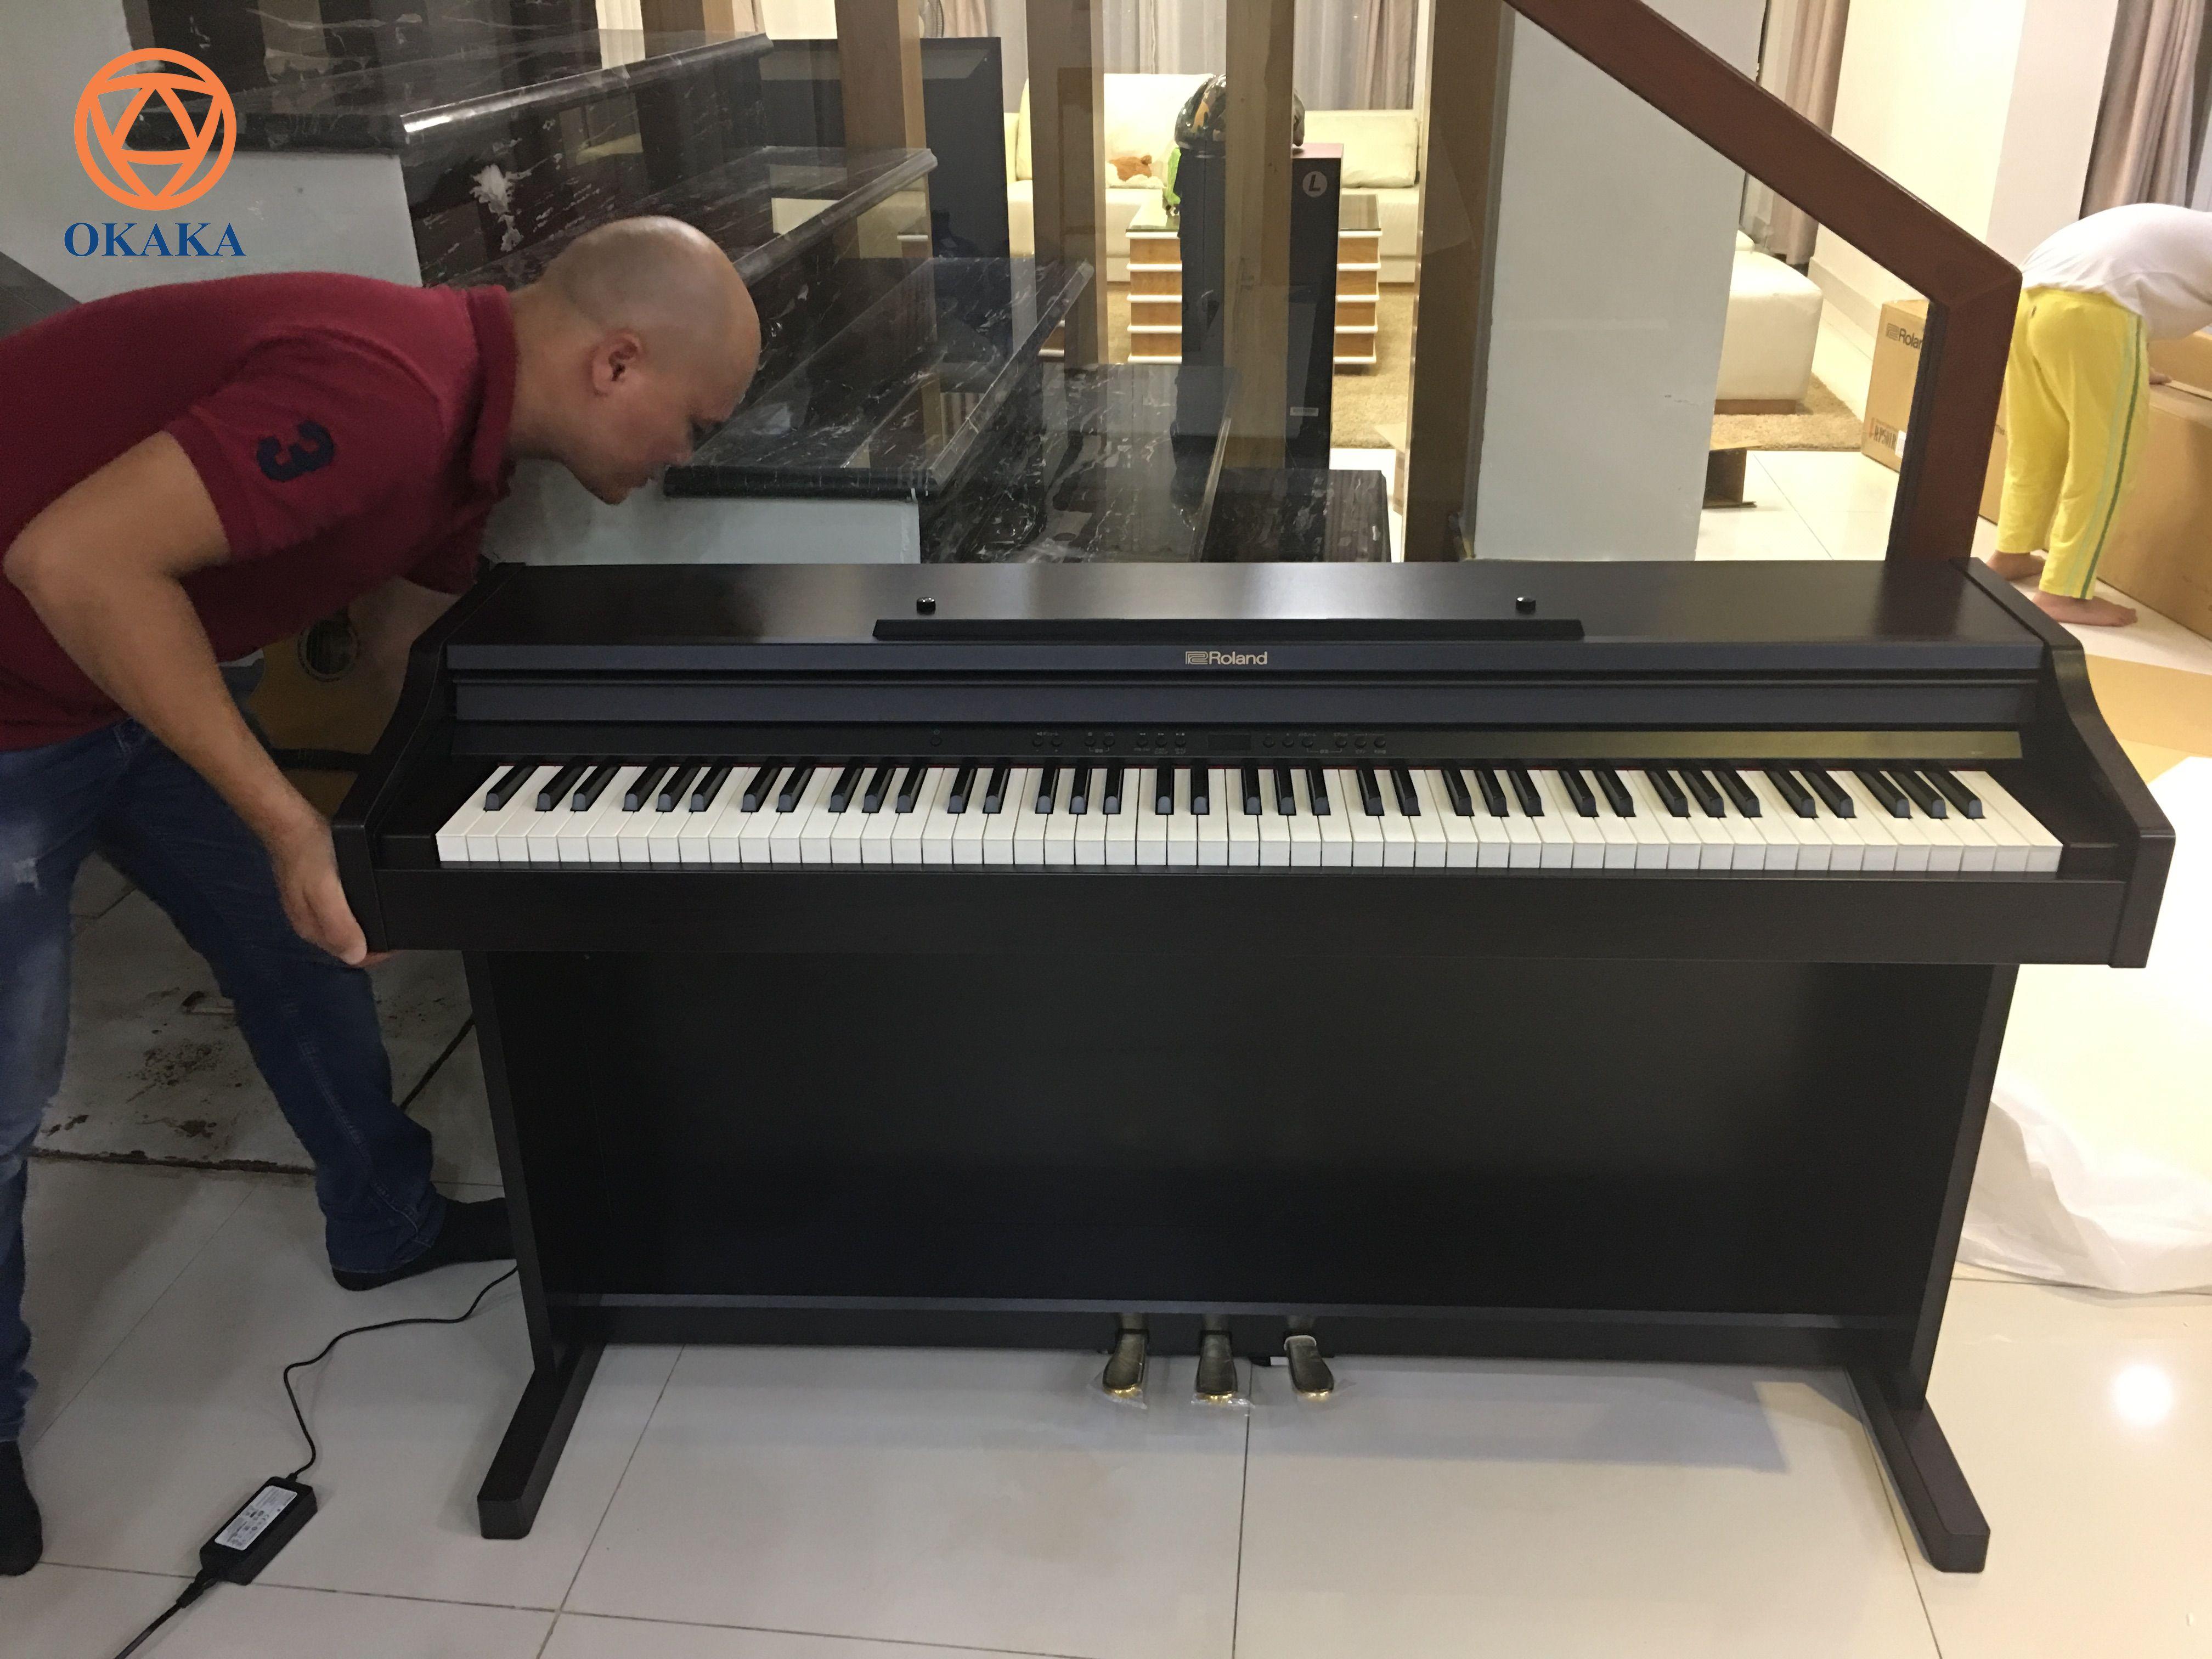 RP-501R của Roland hiện đang là model bán chạy nhờ giá thấp nhưng có nhiều tính năng vượt trội hơn hẳn những model có cùng mức giá. Vậy thì giá đàn piano điện Roland RP-501R có phải là lý do duy nhất khiến bạn mở ví?